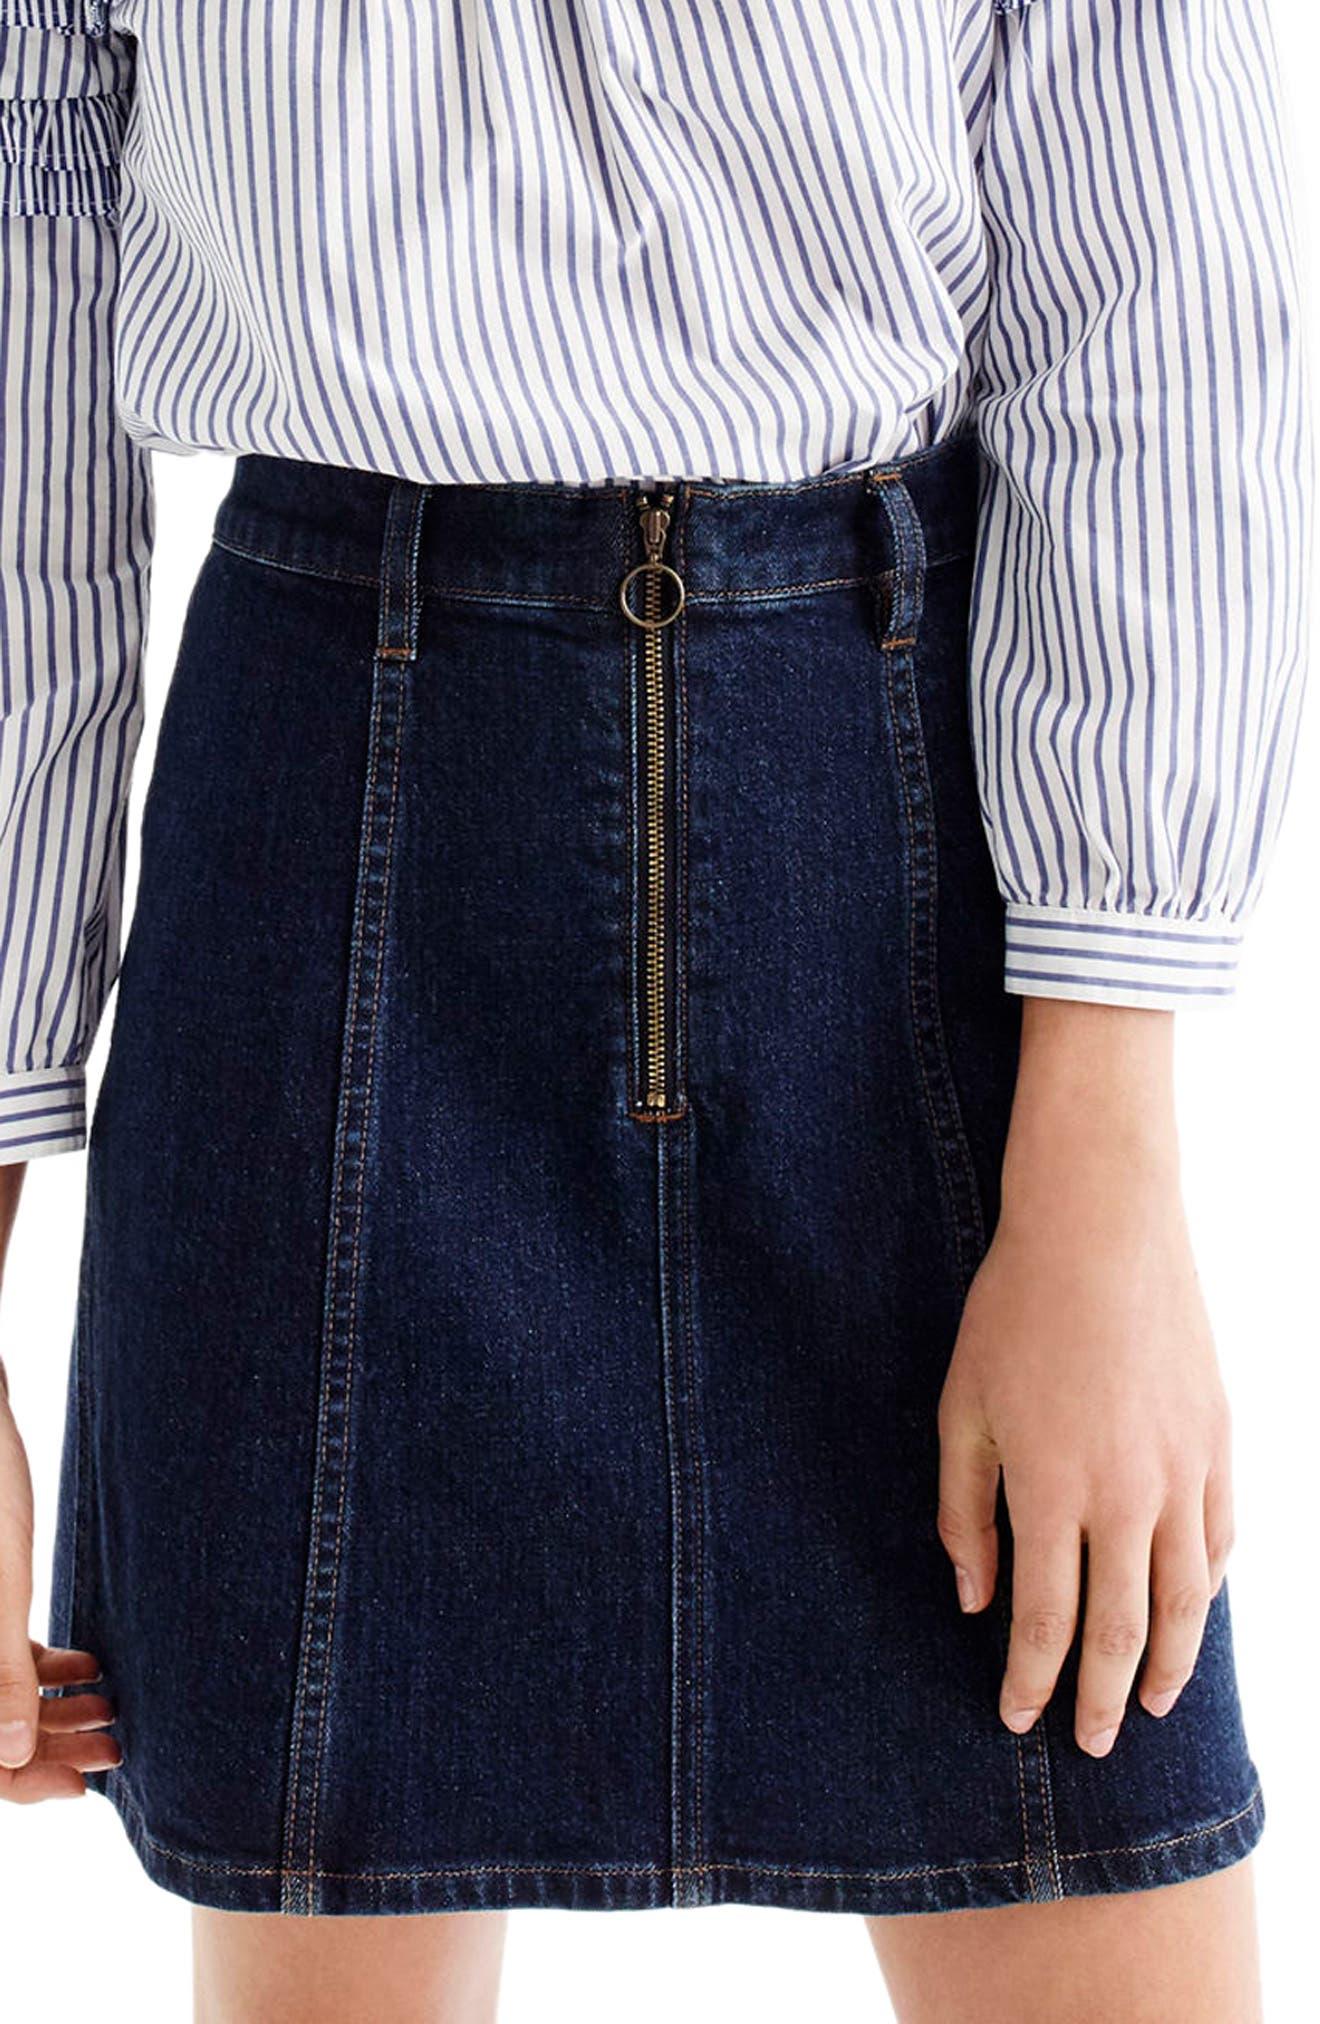 J.Crew Zip Front Denim Skirt